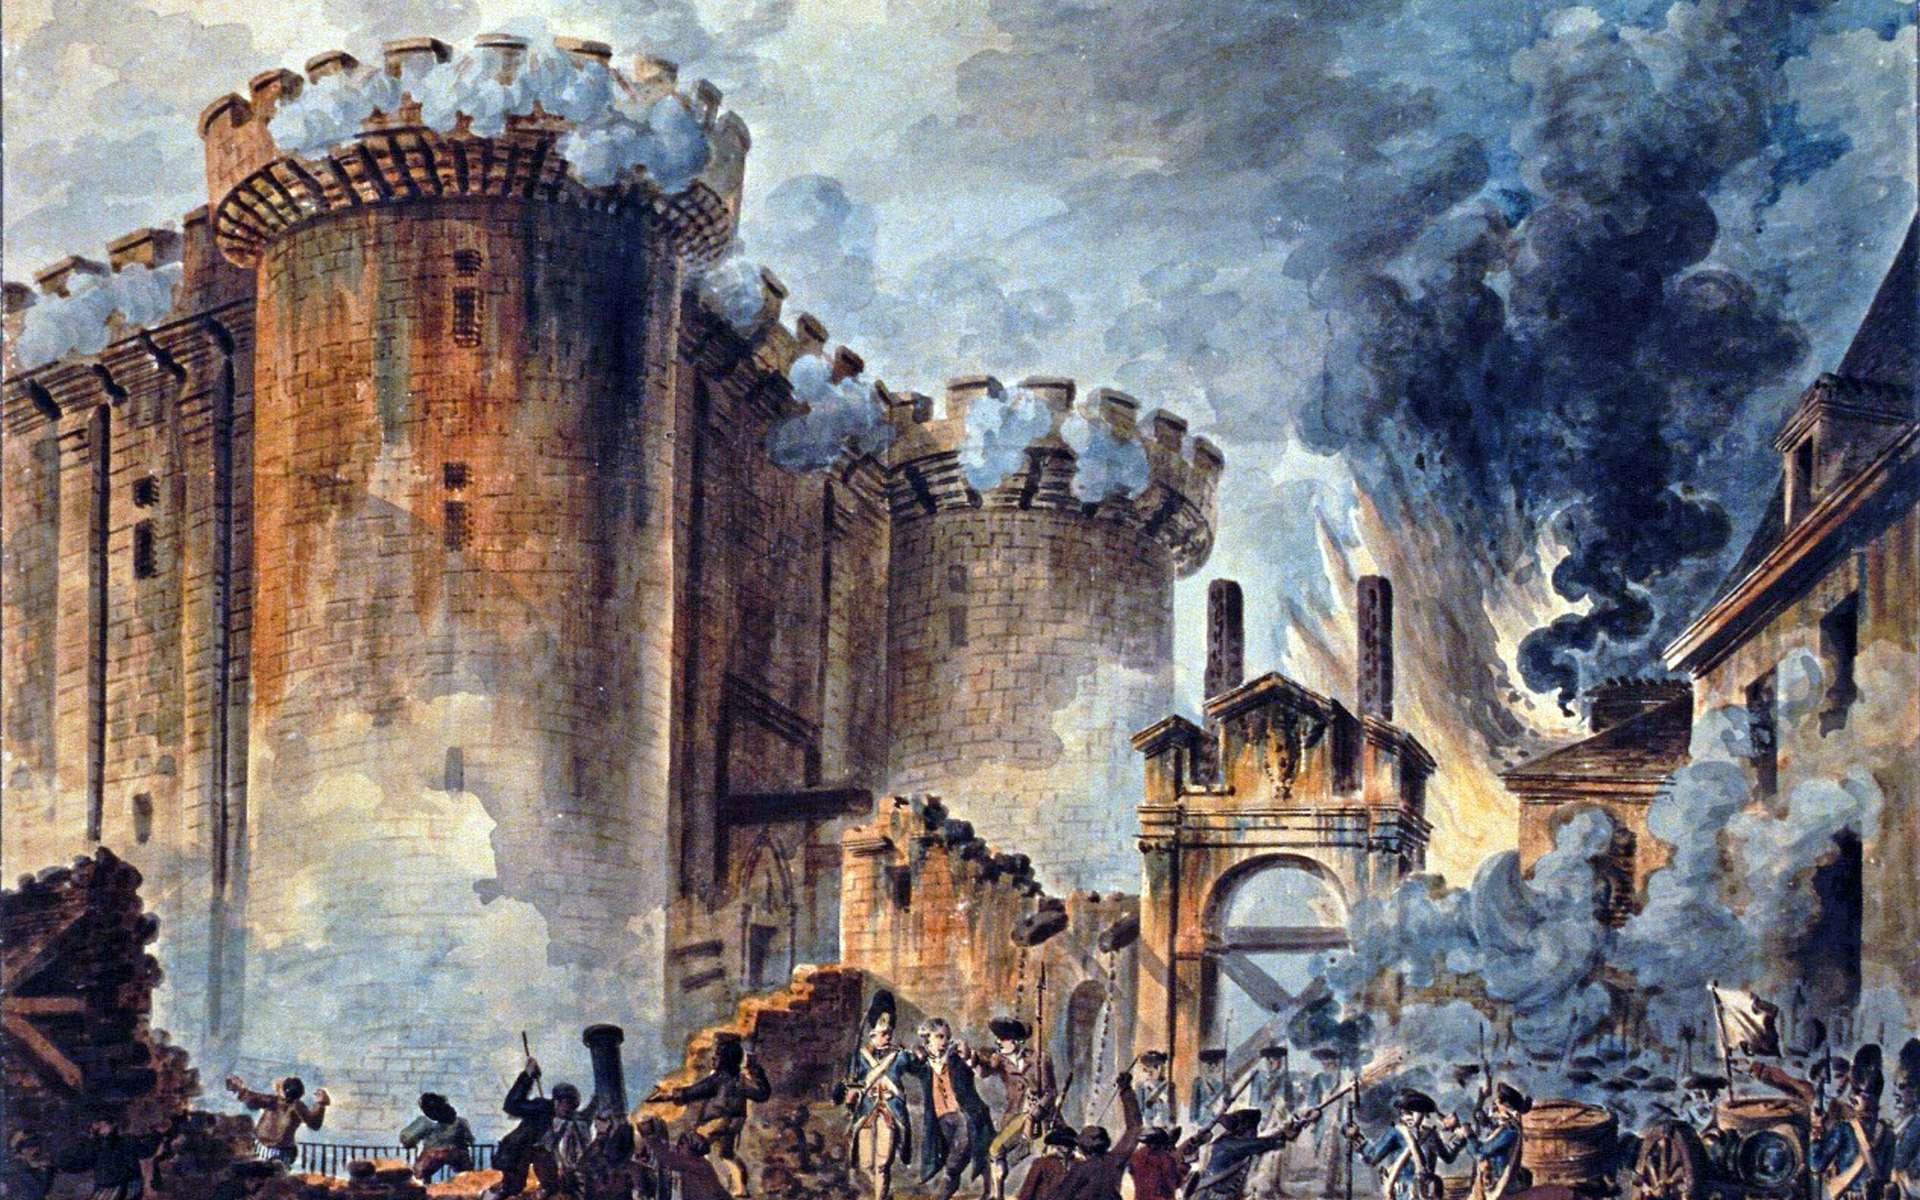 La prise de la Bastille, le 14 juillet 1789, est un événement symbolique de la Révolution française. © Jean-Pierre Houël, Wikimedia Commons, DP